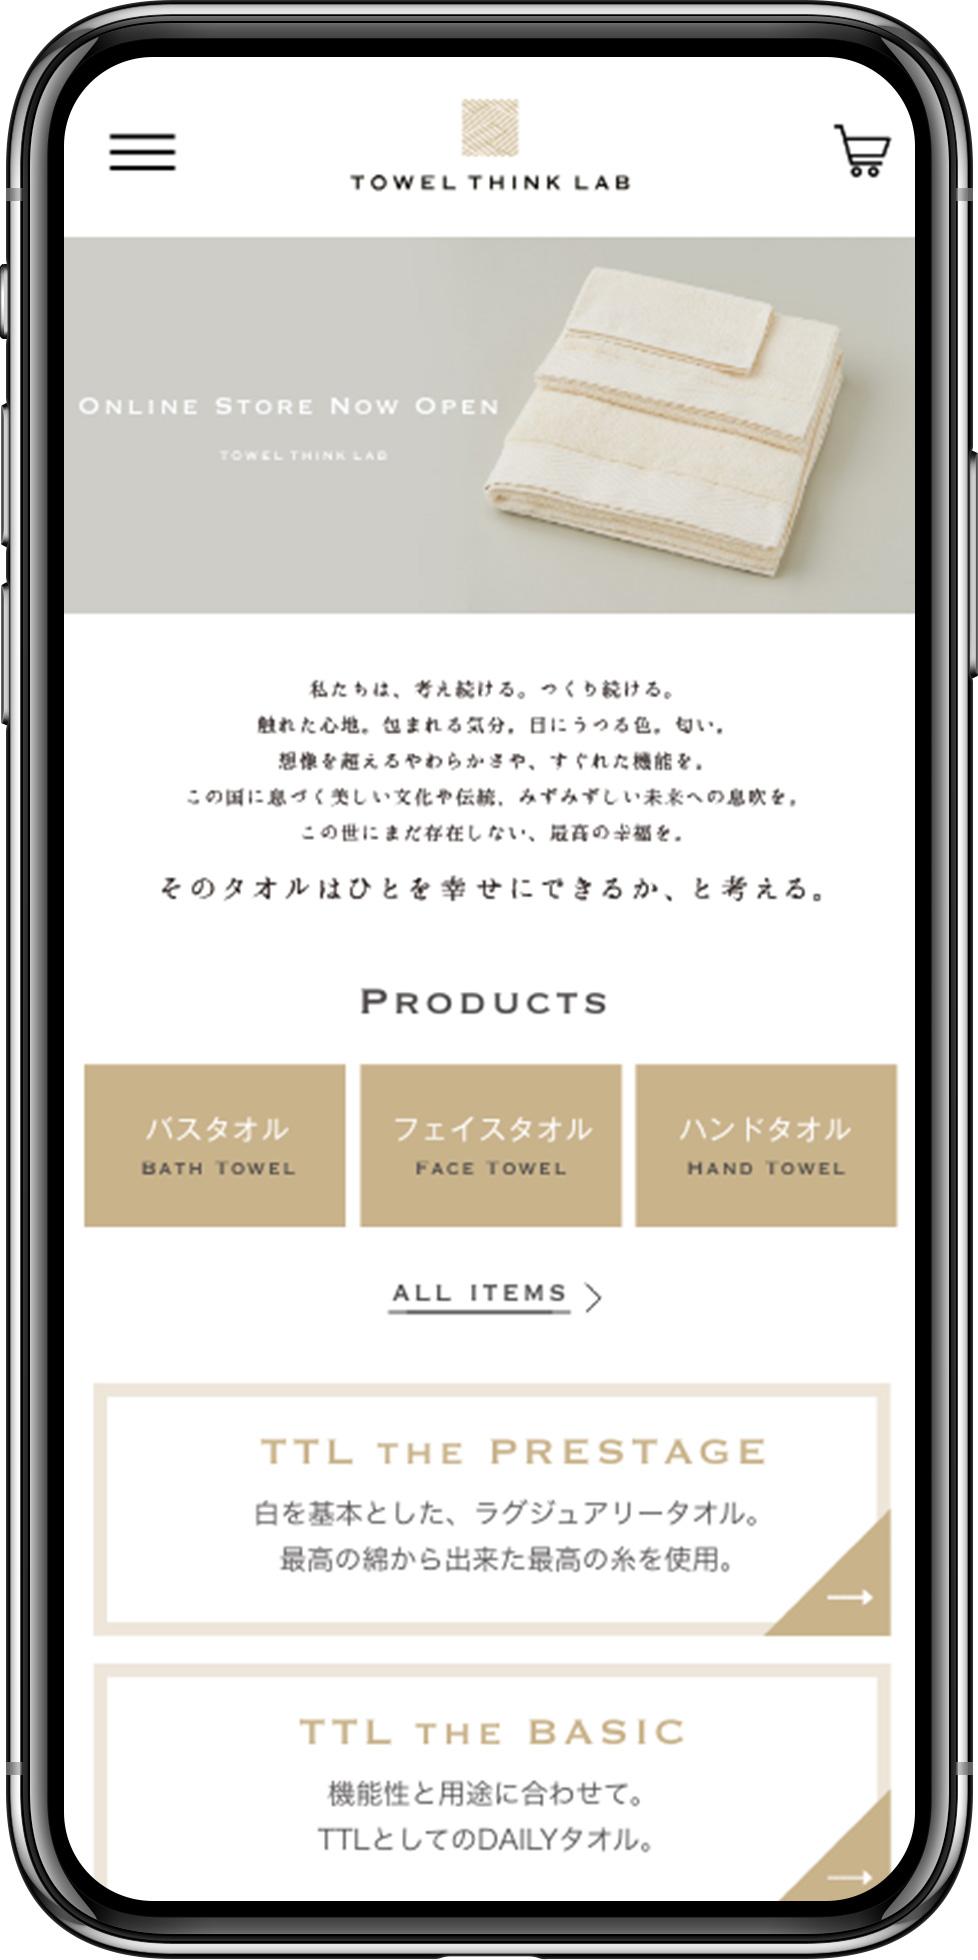 https://artpeace.jp/wp-content/uploads/2018/05/work_ttl.png